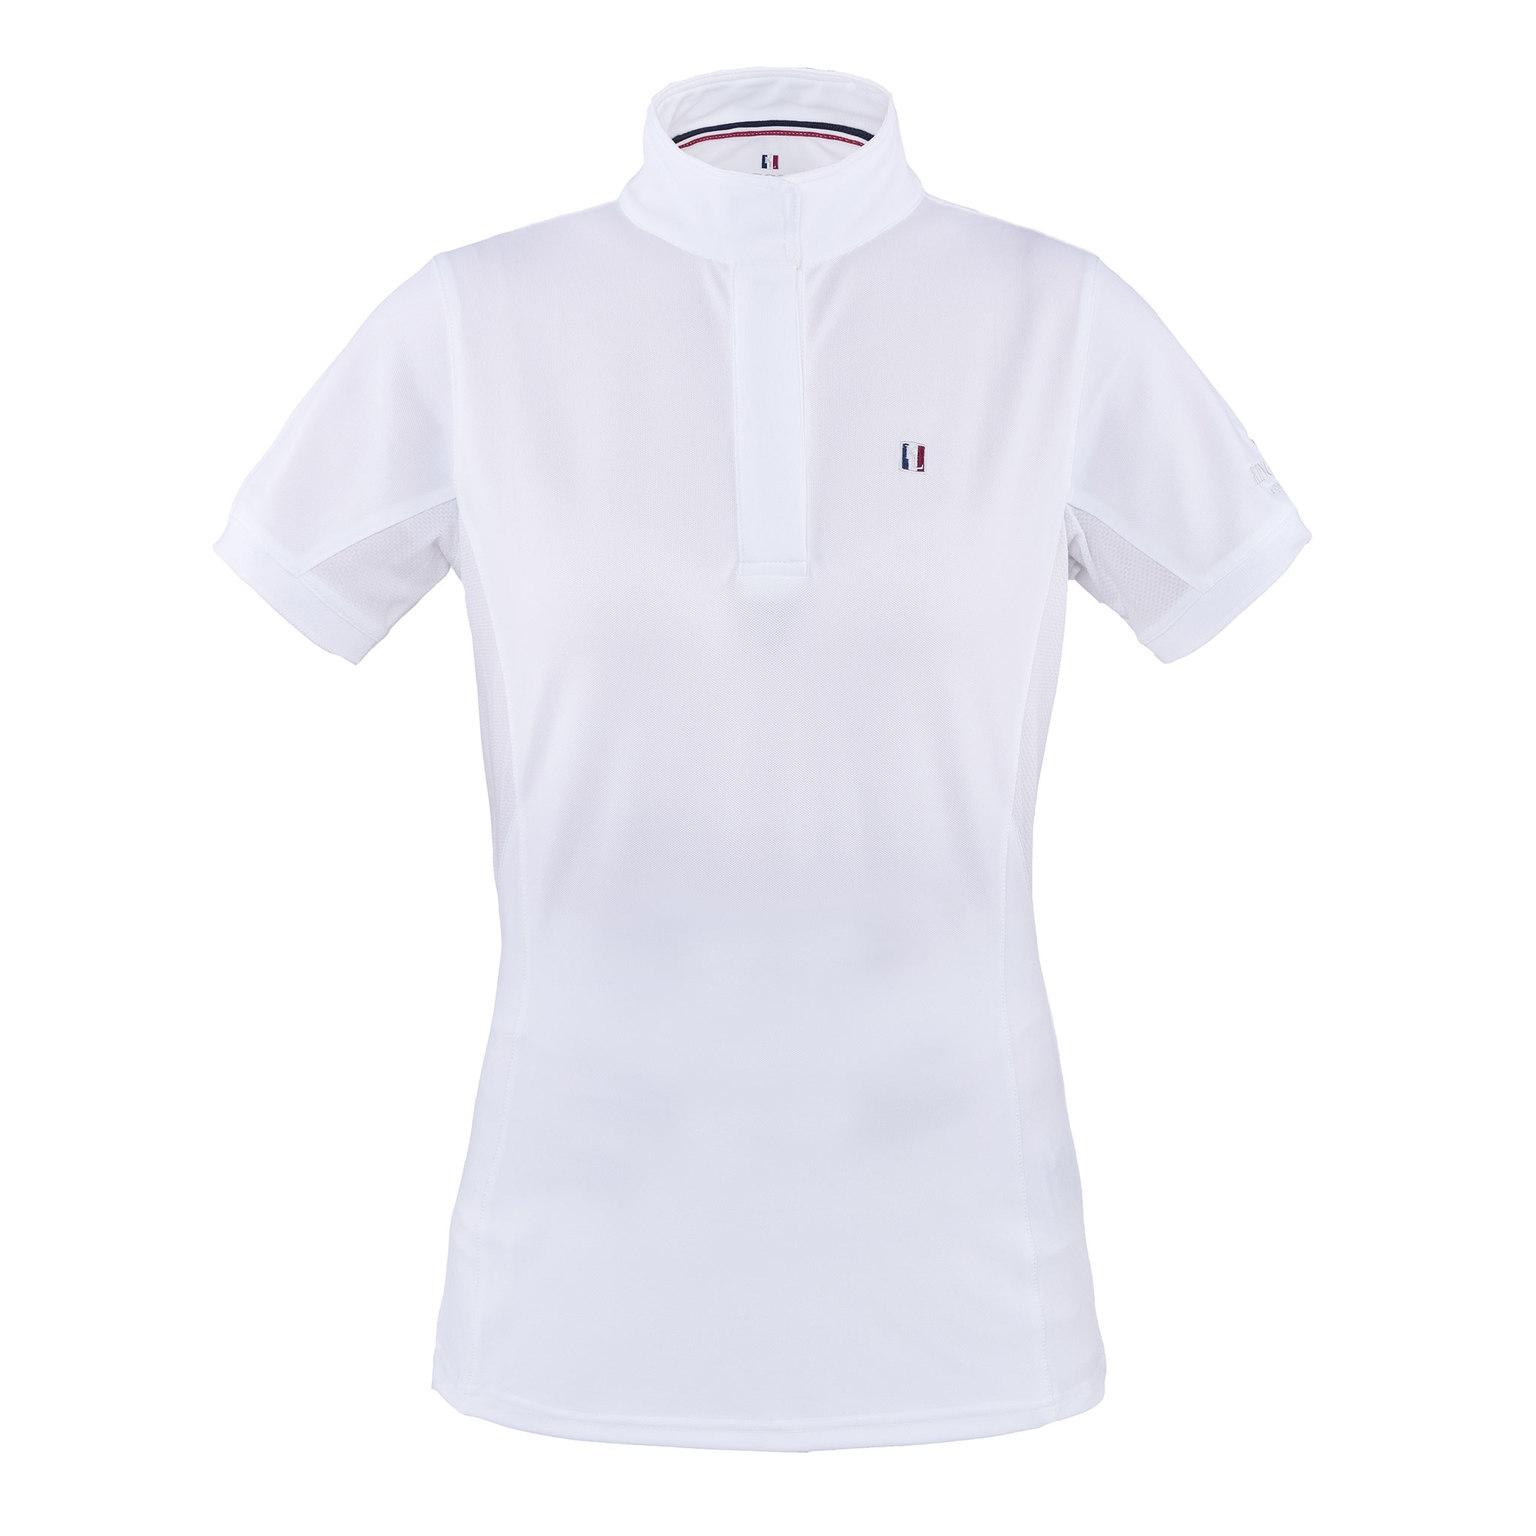 Kingsland stævne t shirt hvid